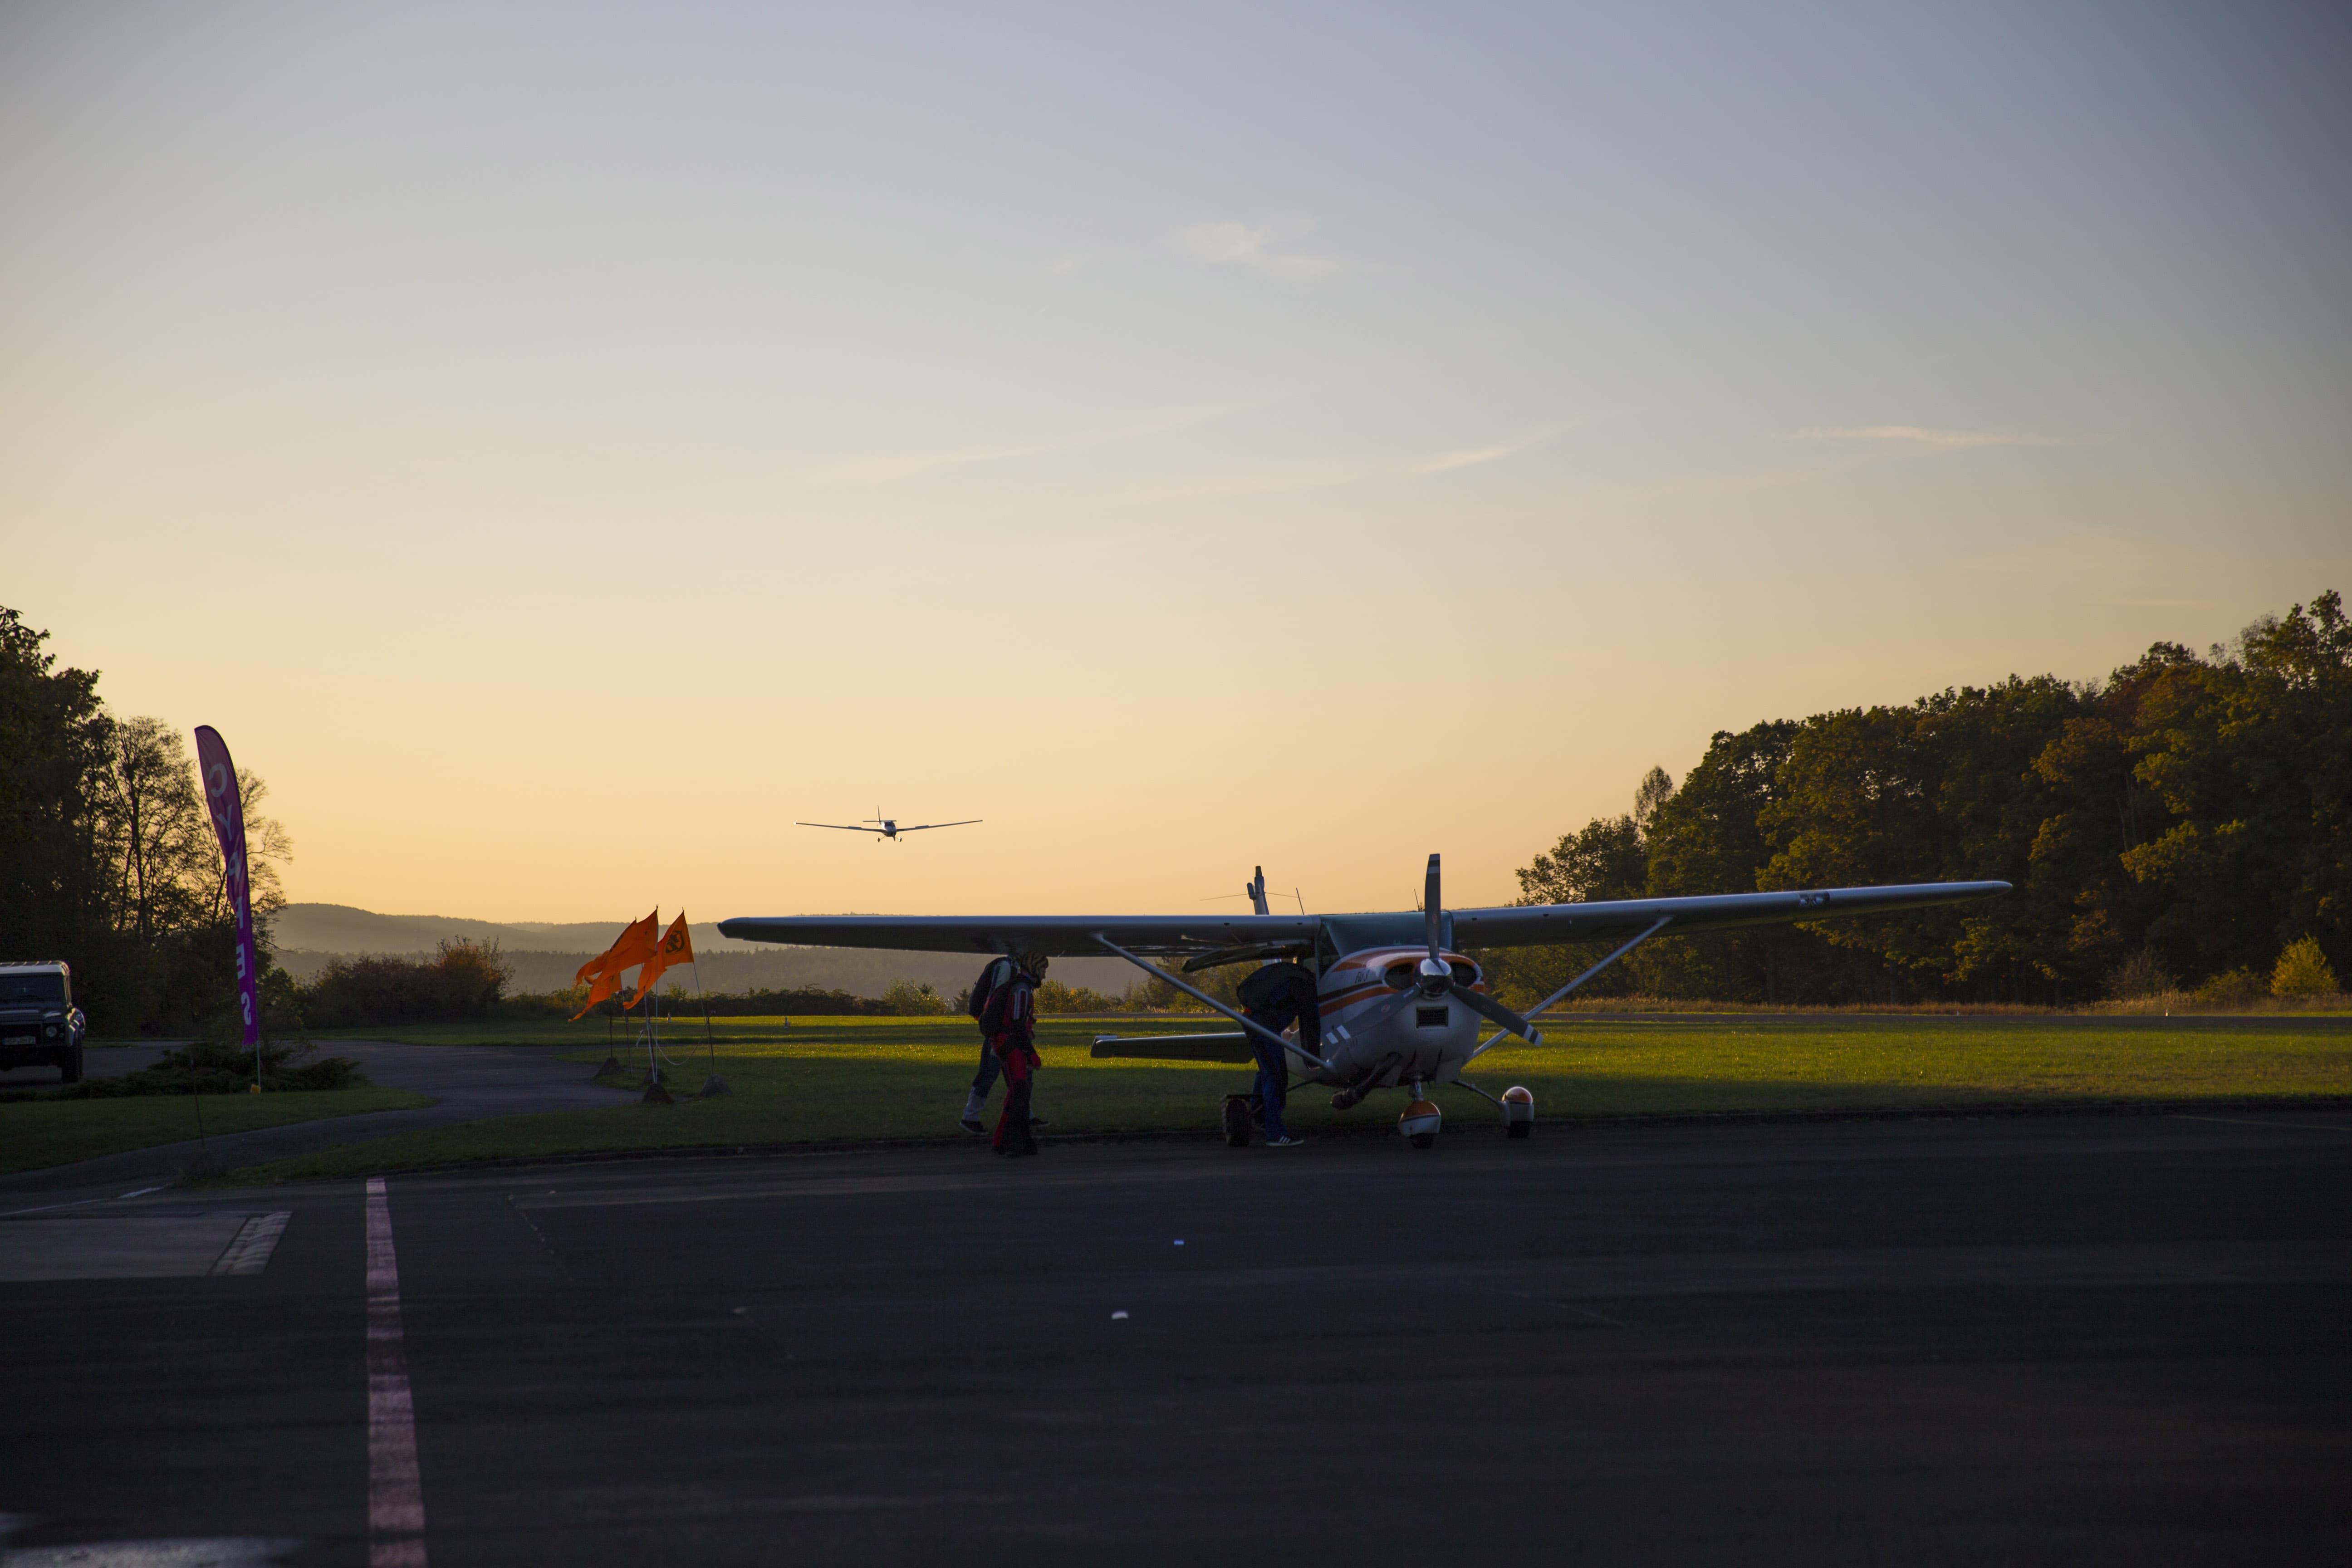 Unser Motorsegler D-KIWC beim Landen in der Abendsonne.